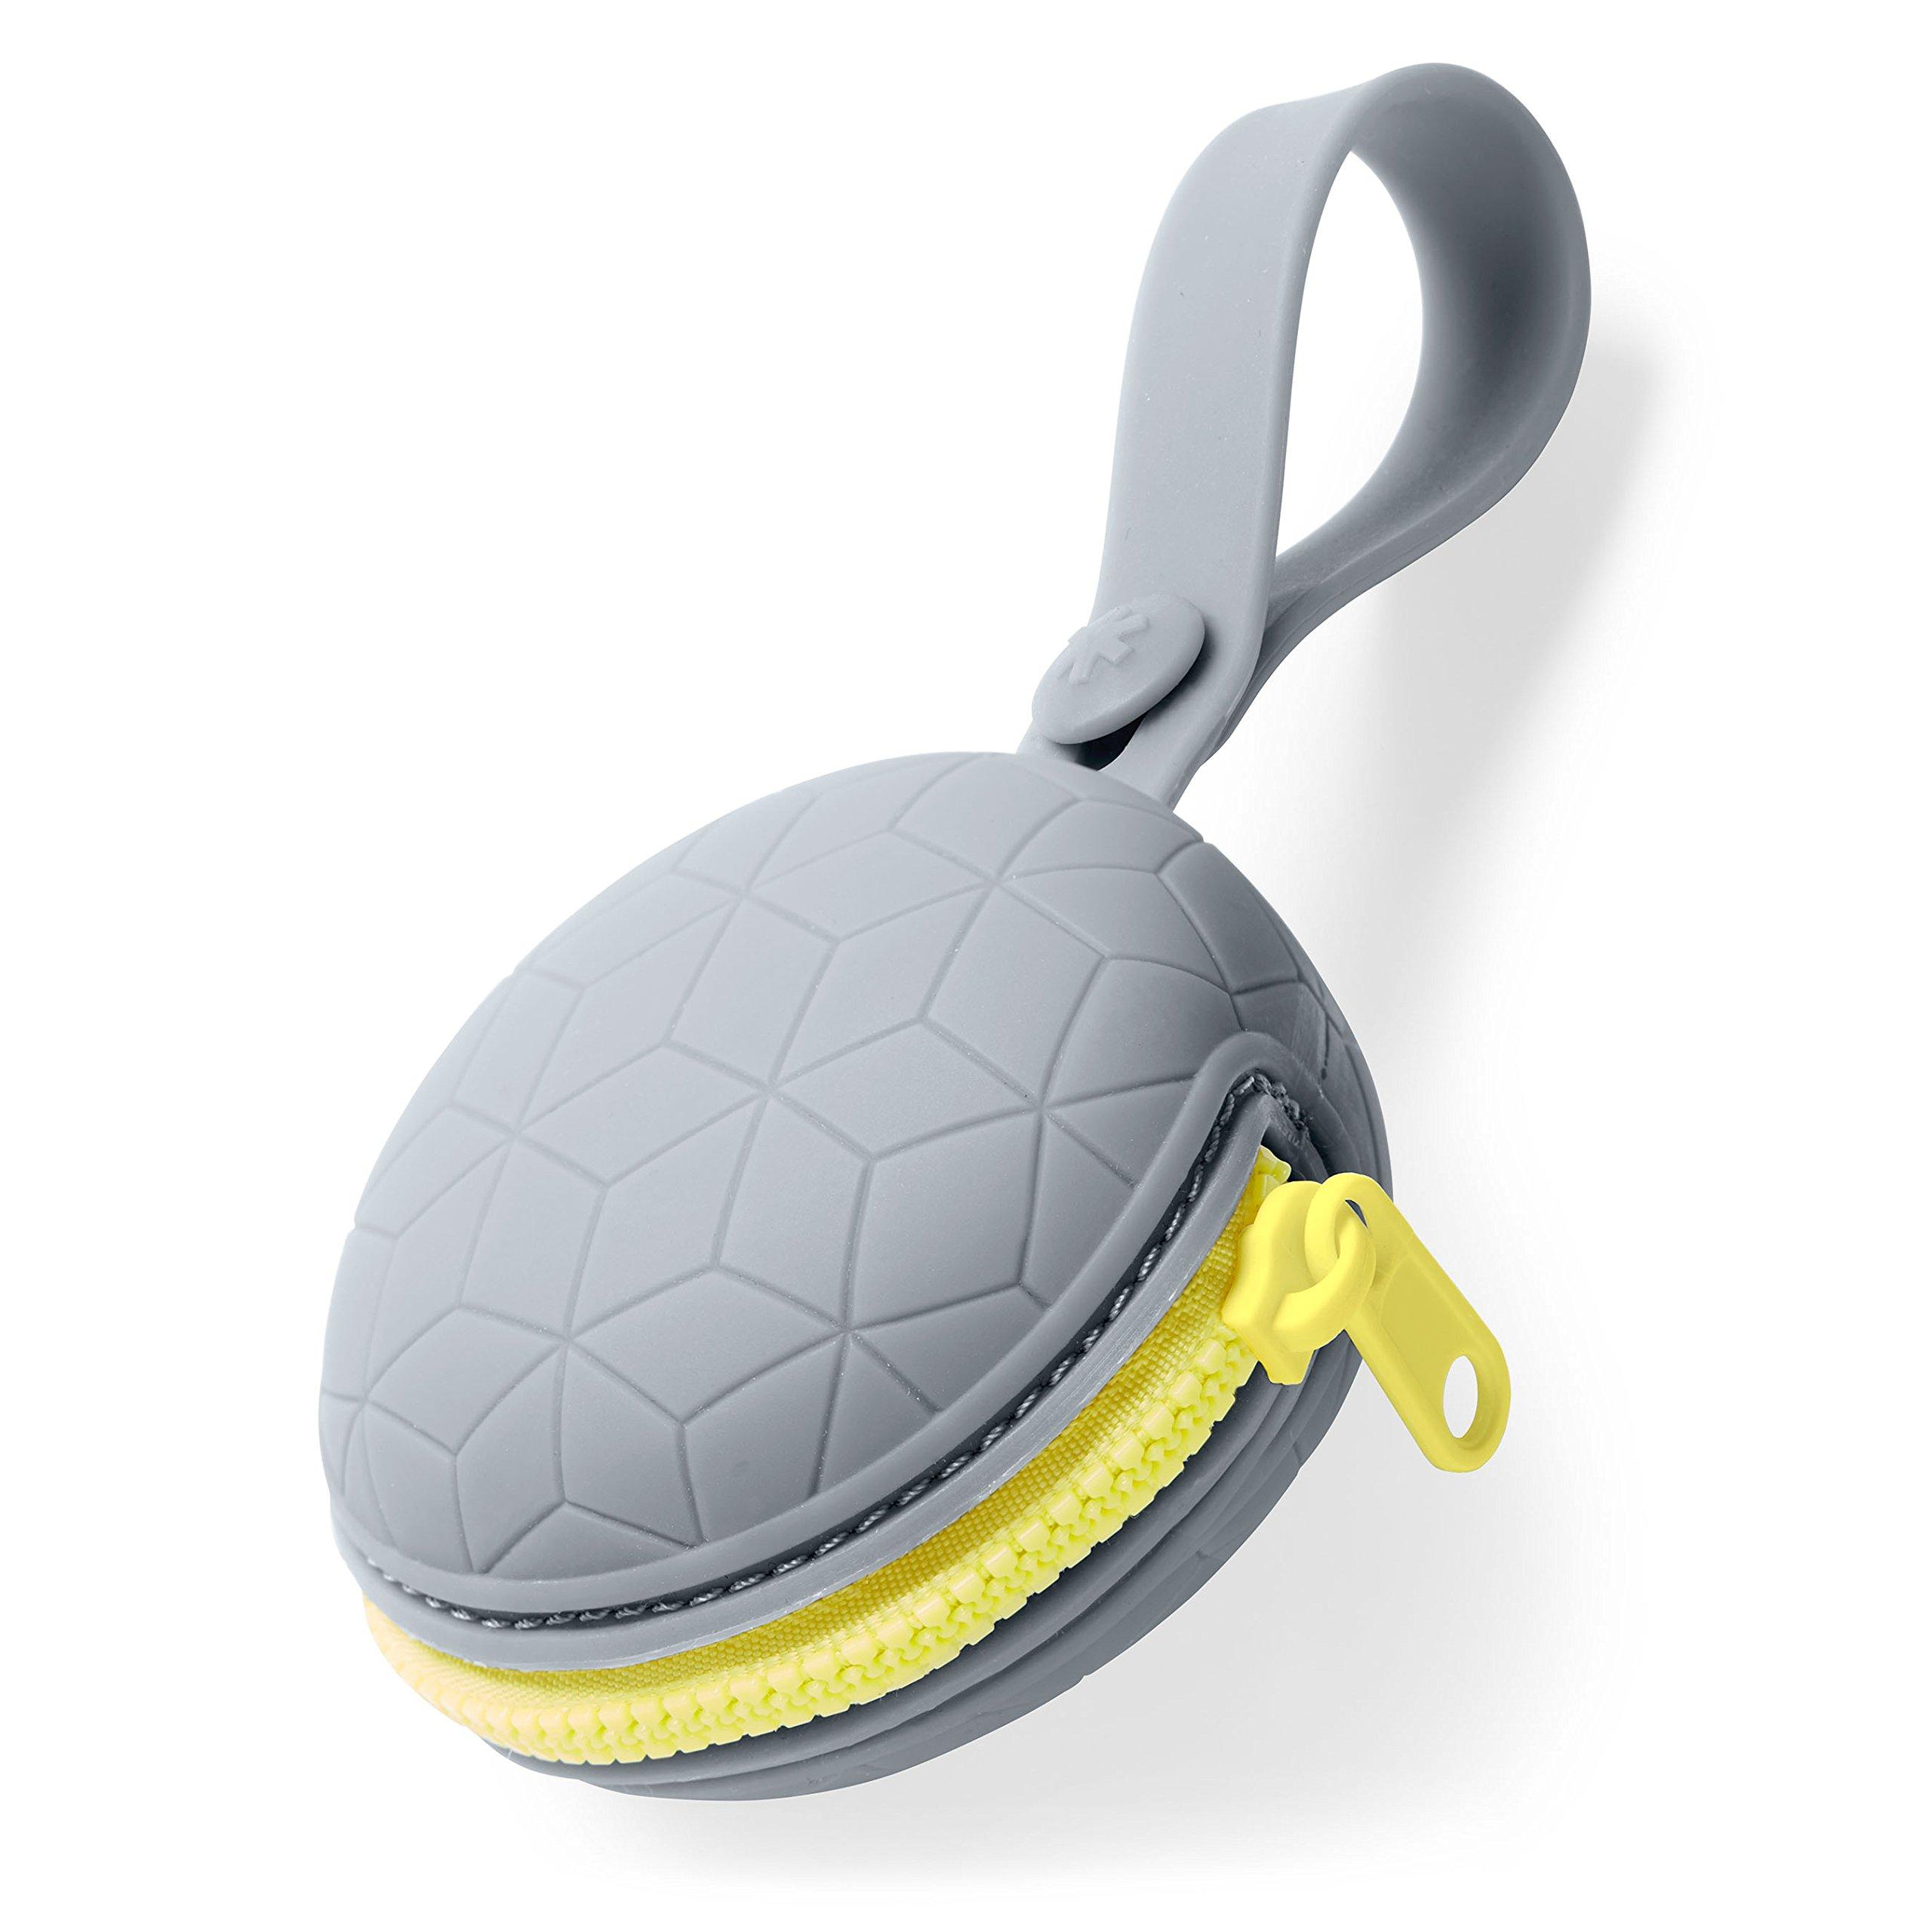 Skip Hop Paci Holder: Dishwasher-Safe Silicone Pacifier Pocket, Grey